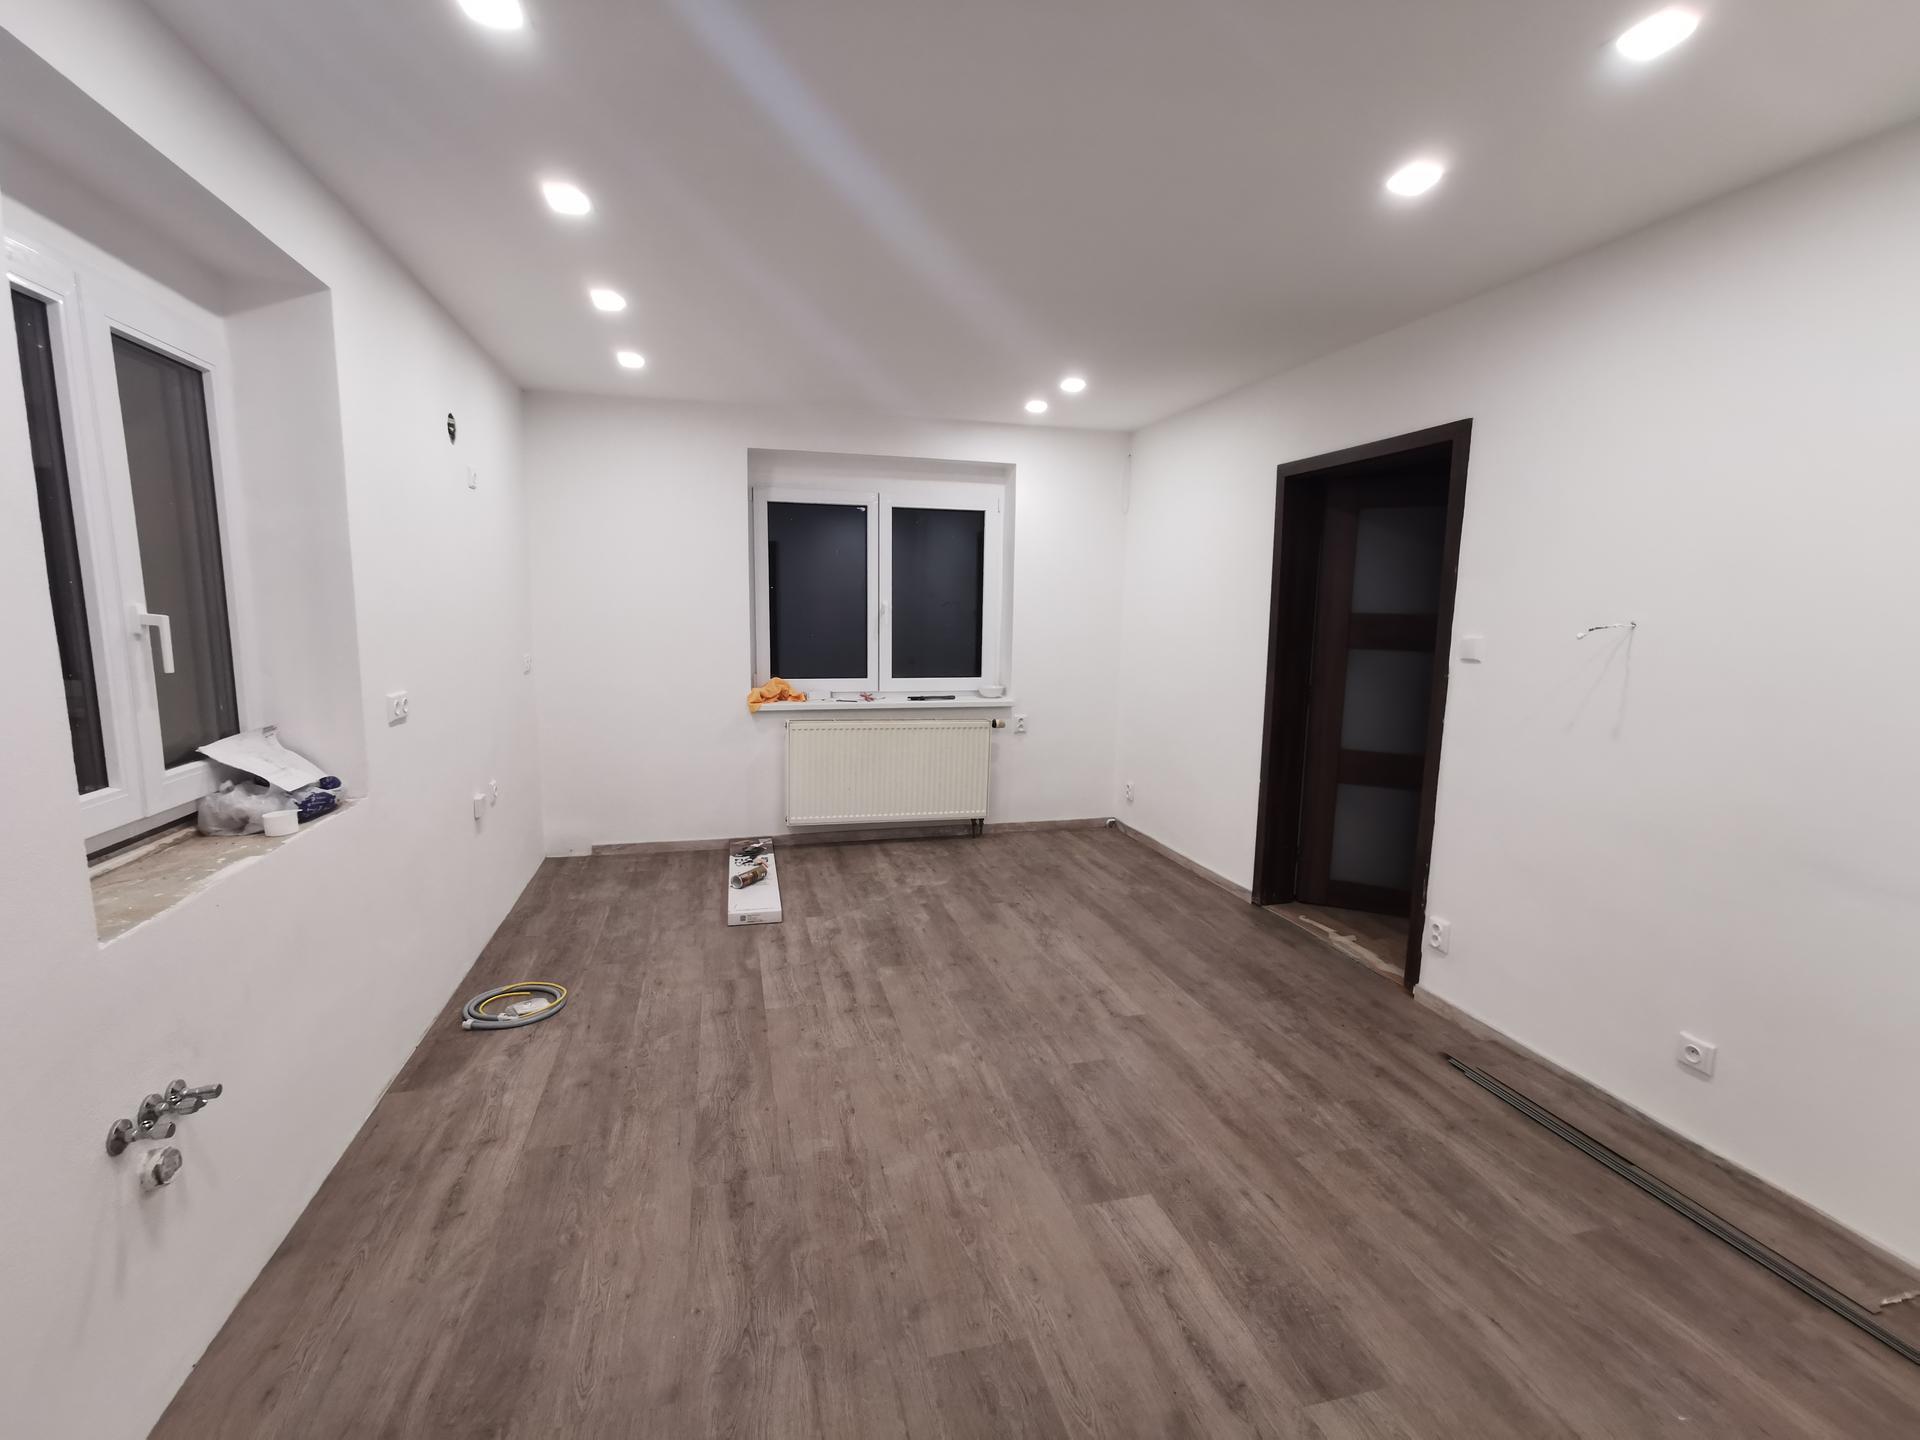 Kuchyně - rekonstrukce - Položená podlaha hurá